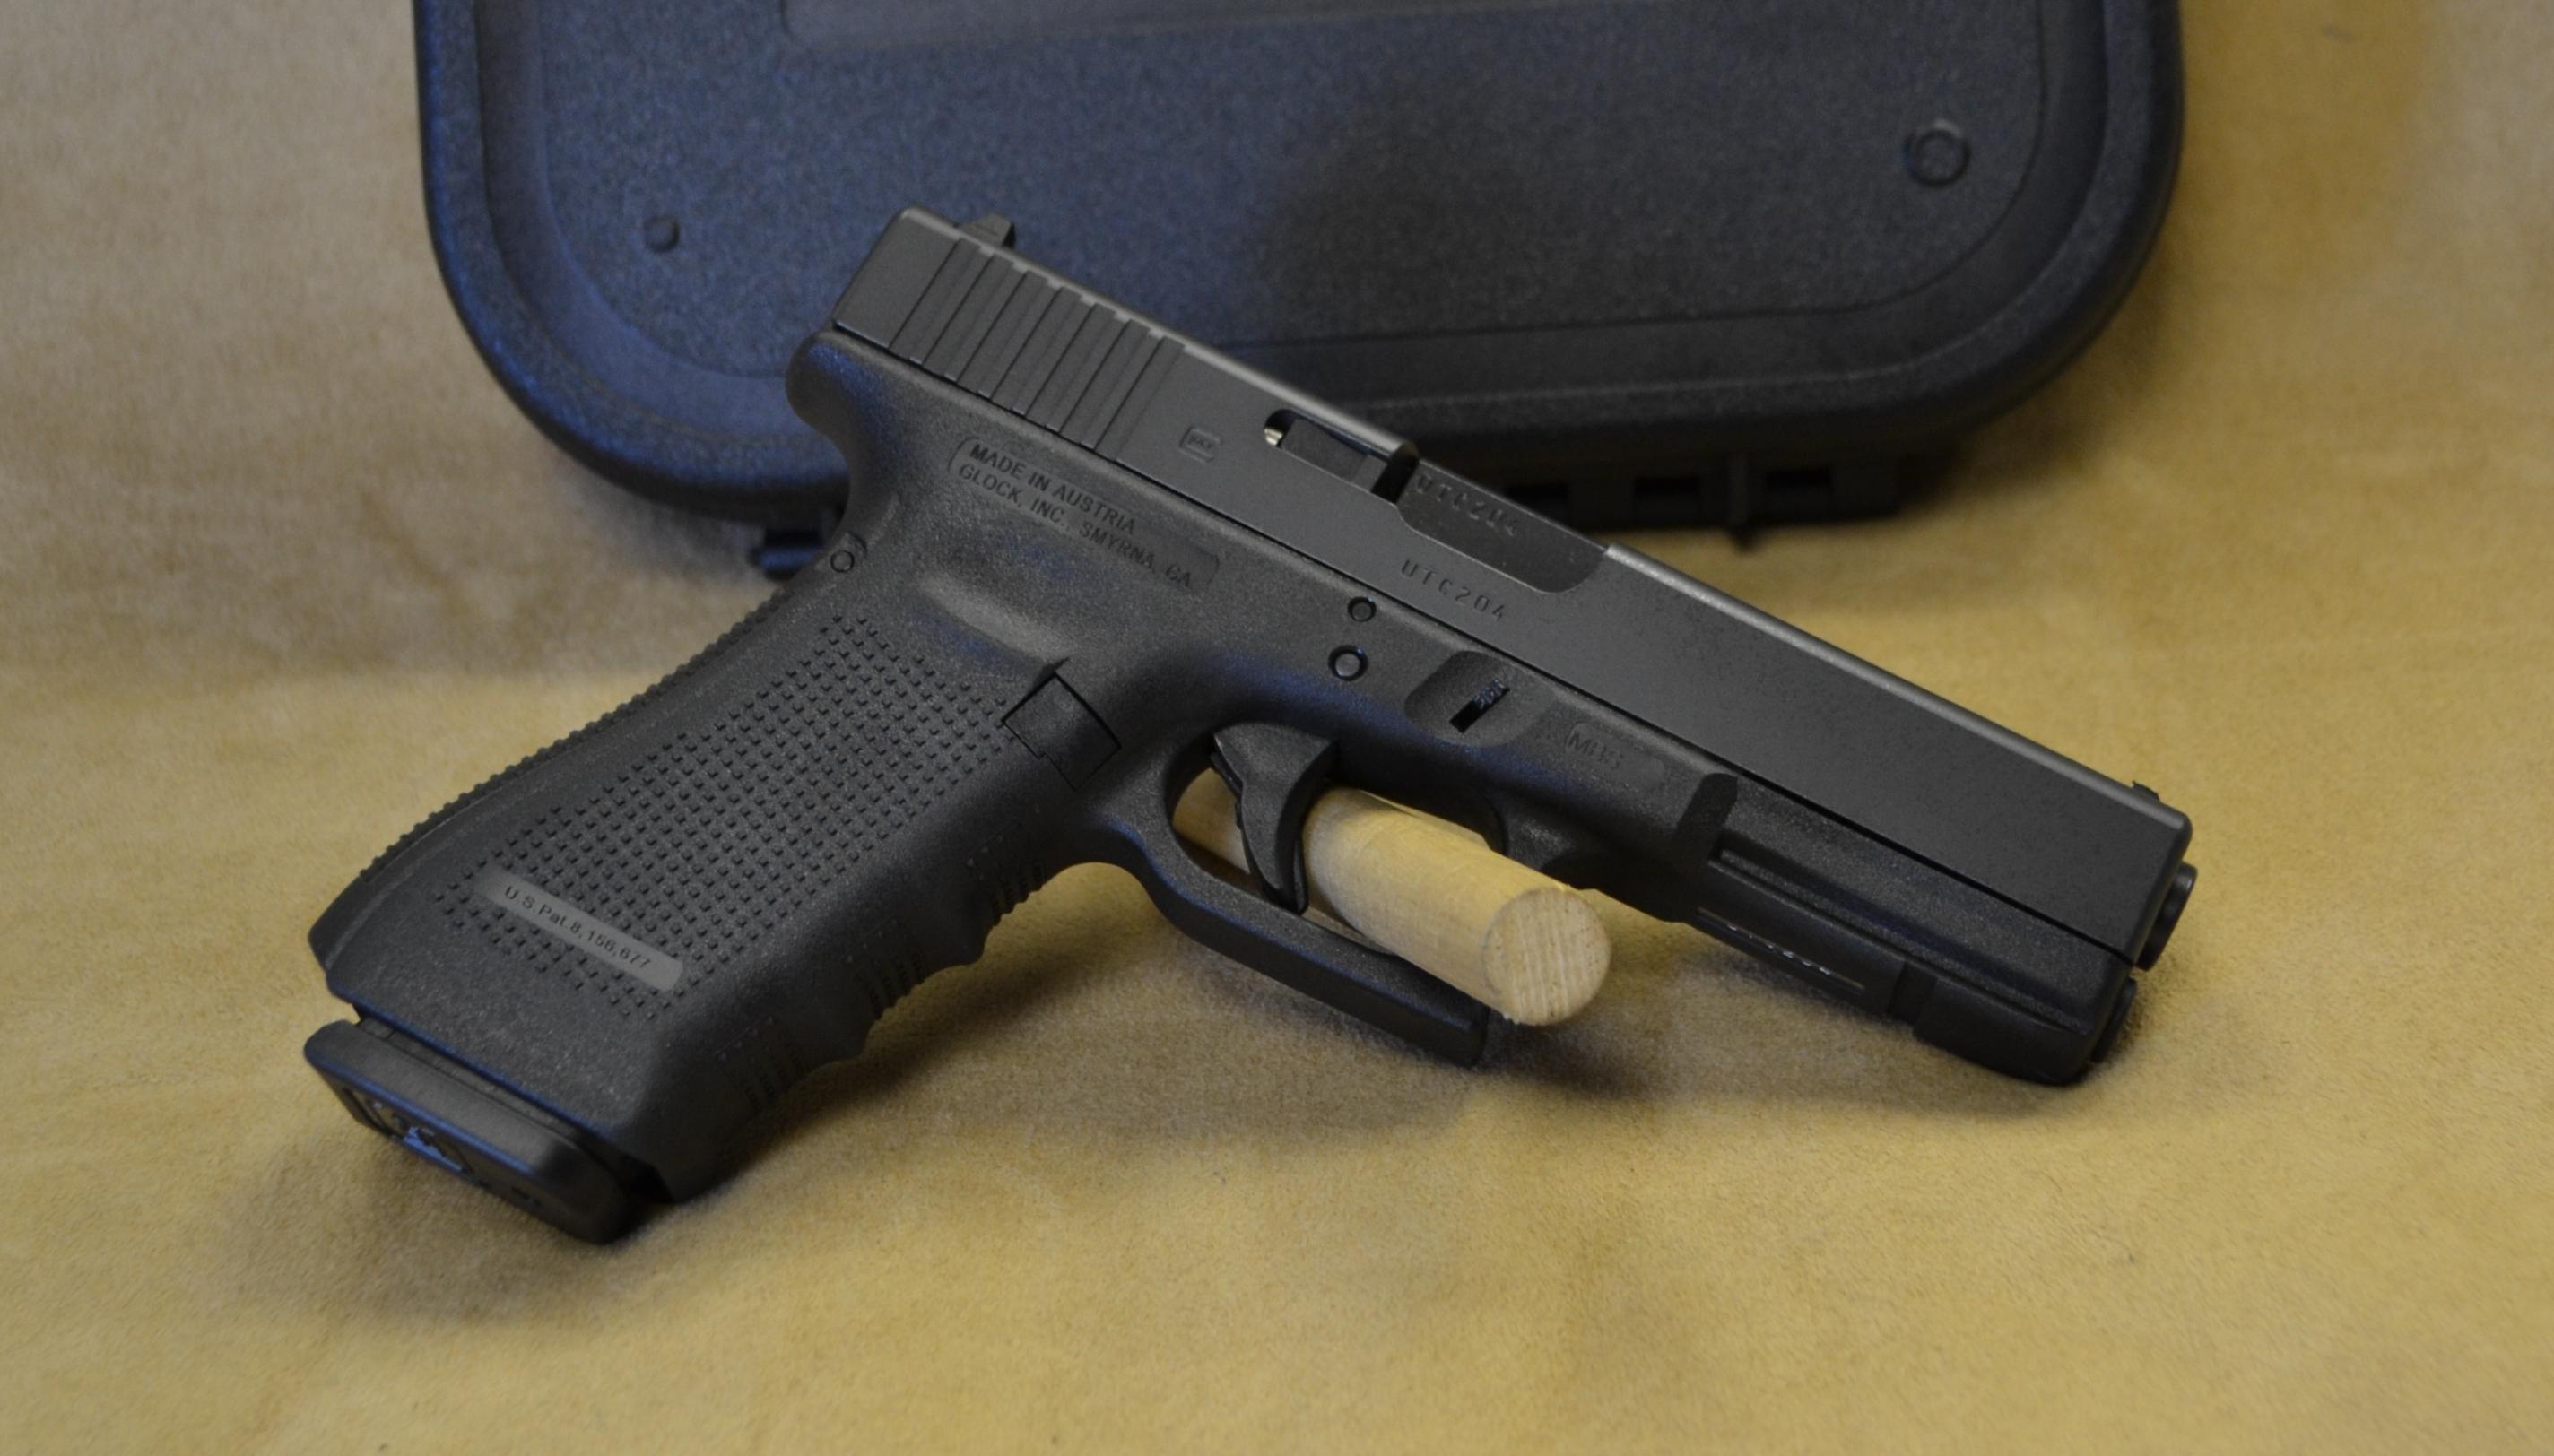 Glock 17 Gen 4 Images